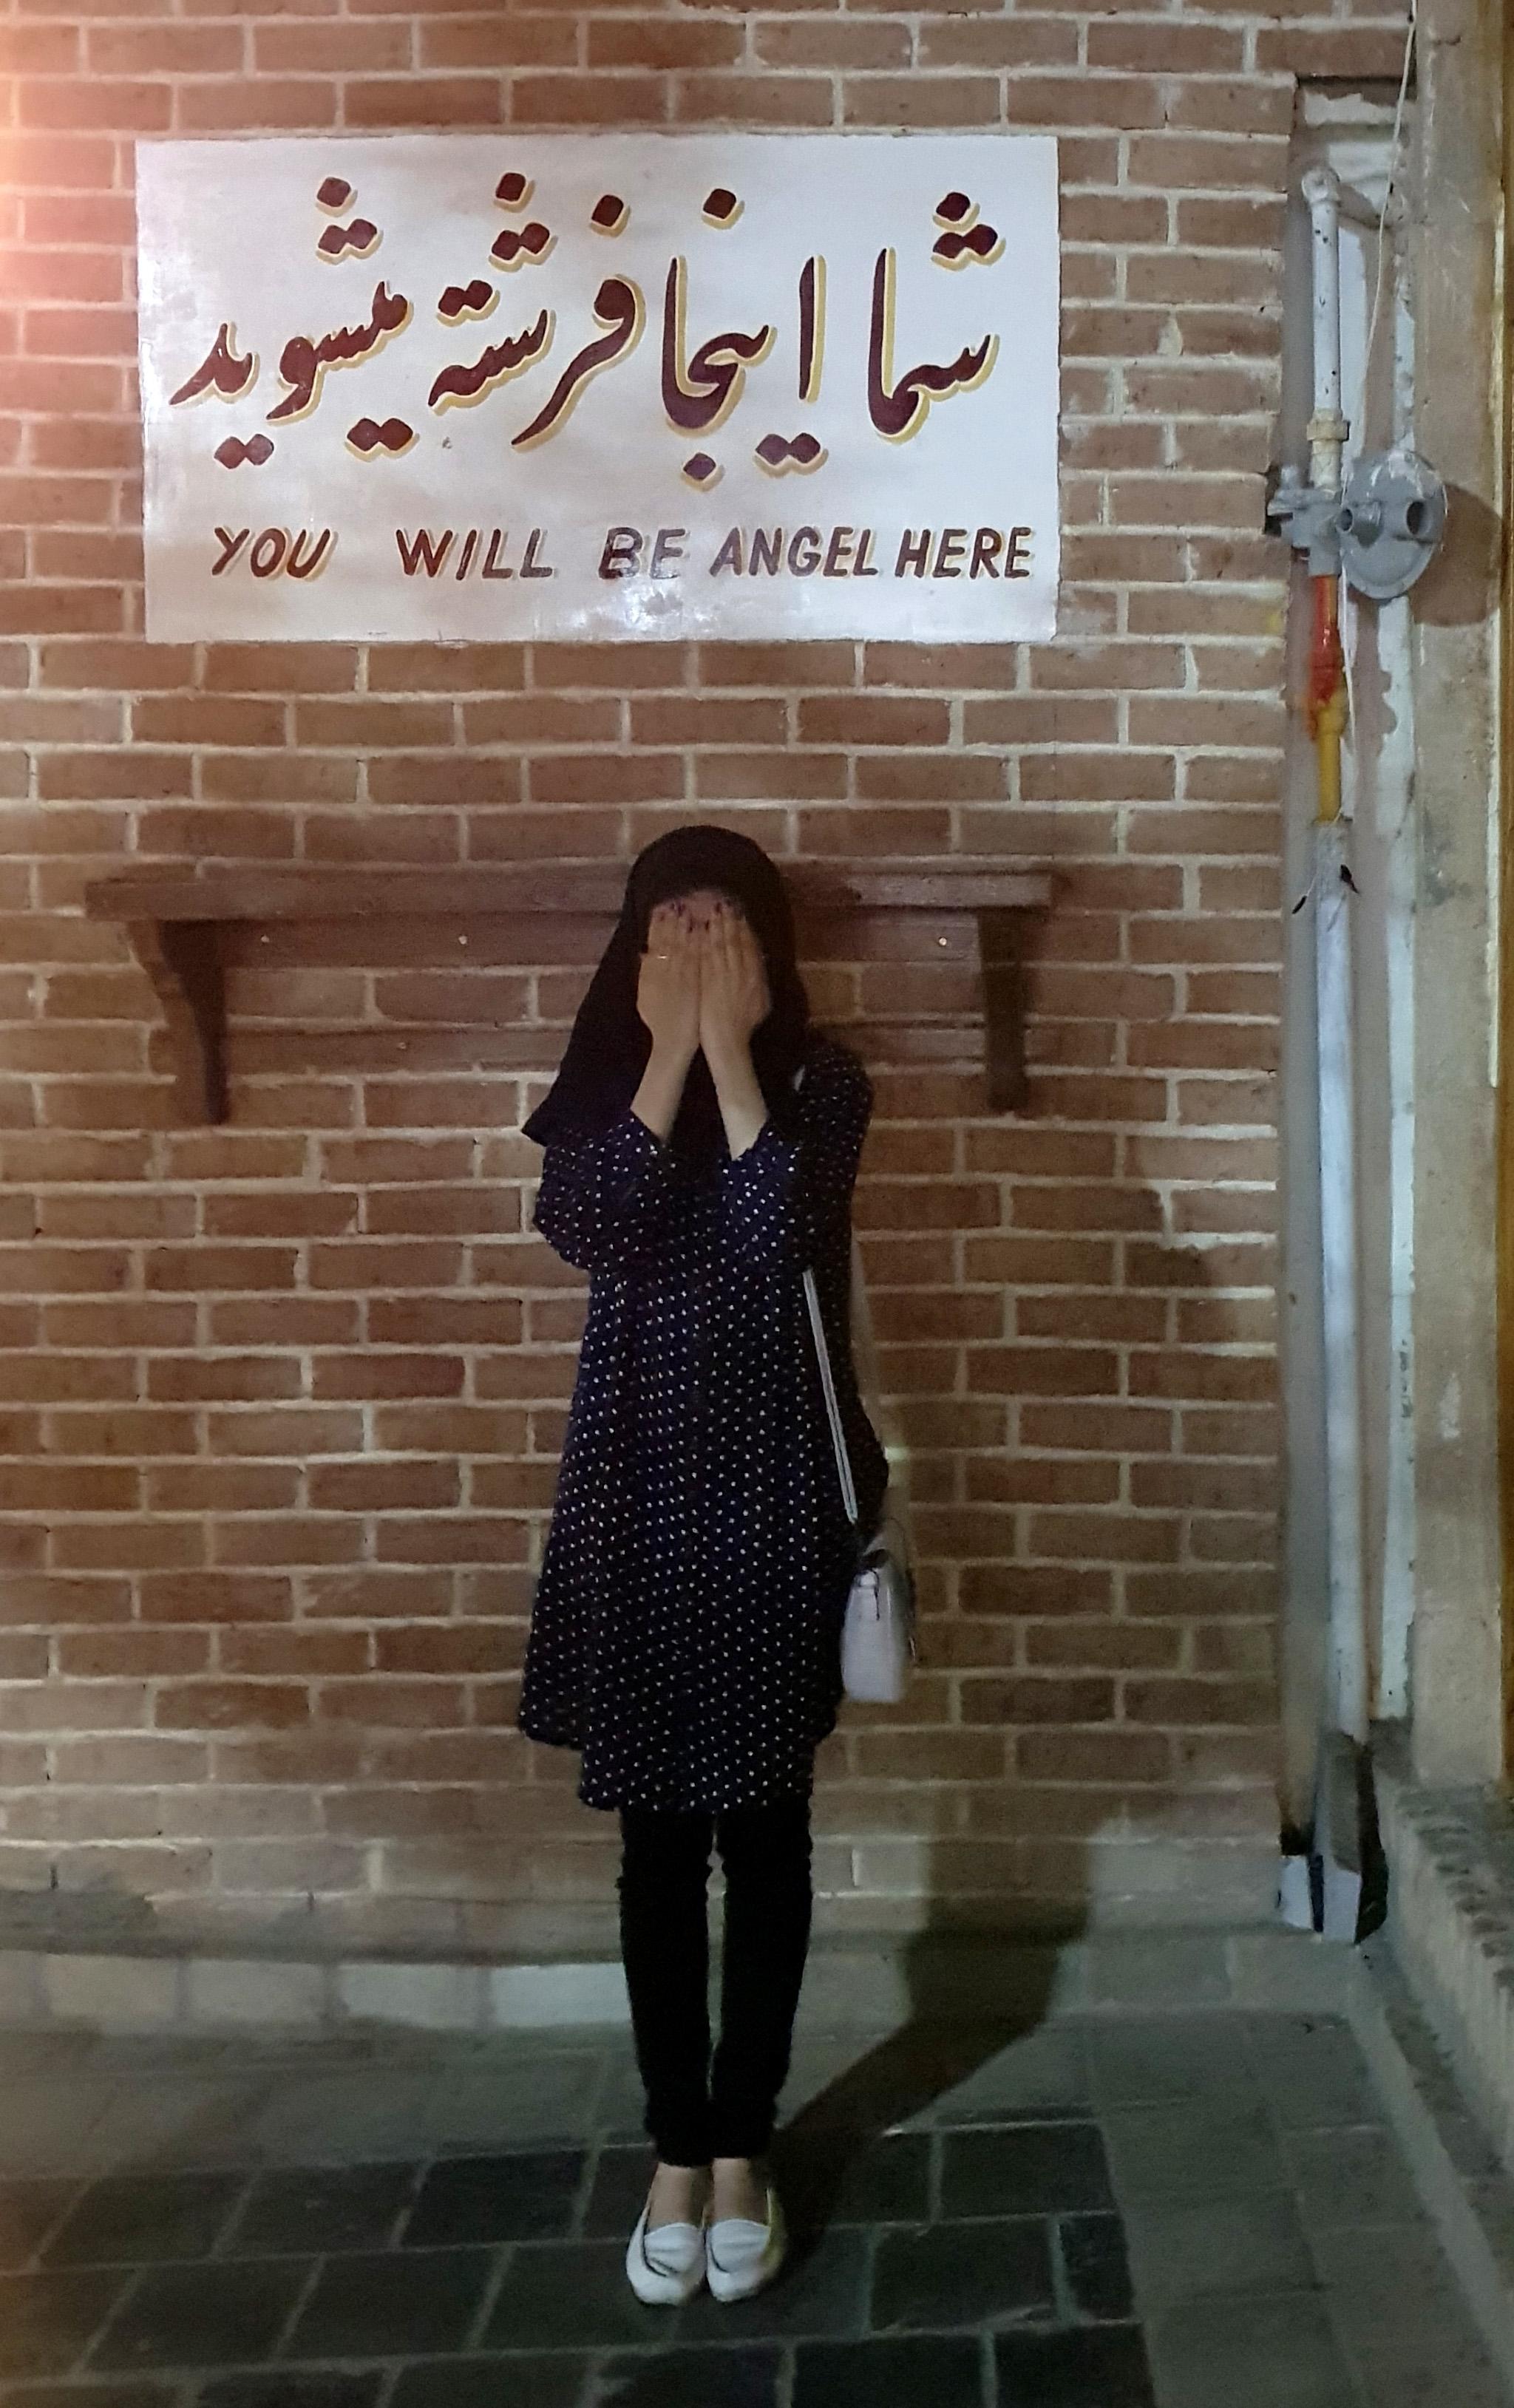 شما اینجا فرشته میشوید